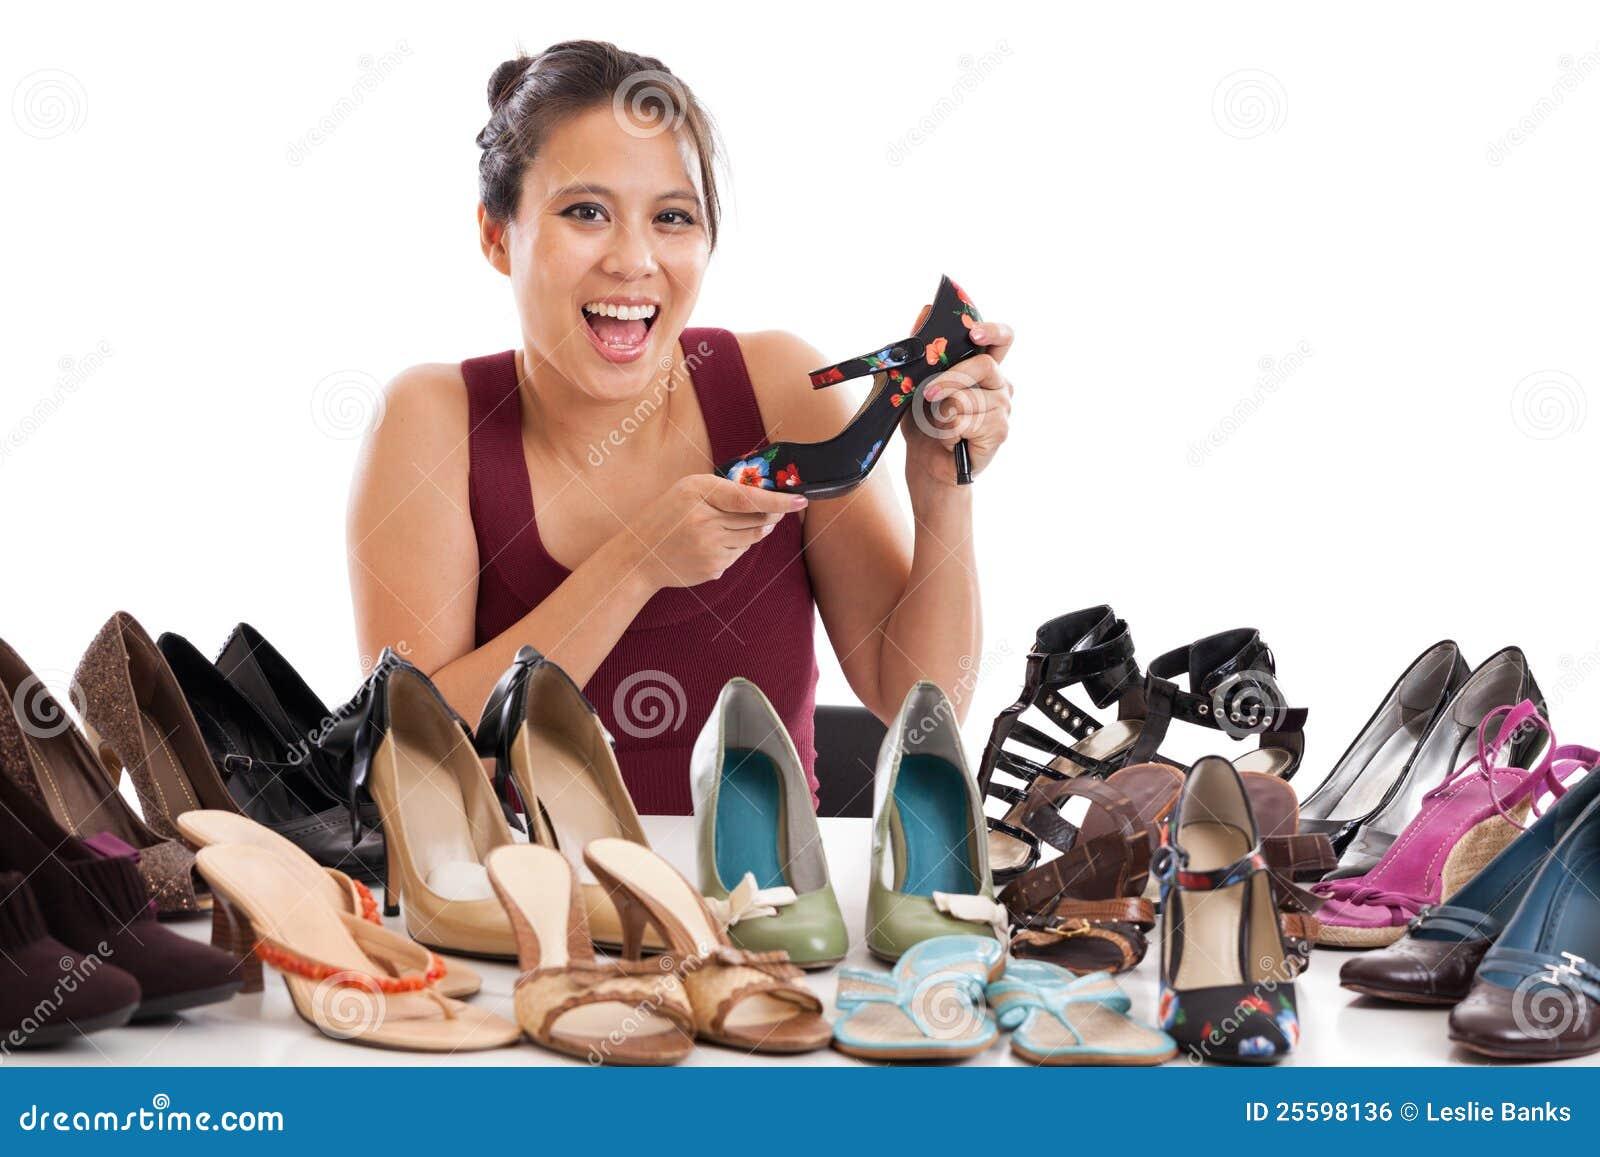 鞋子上瘾者